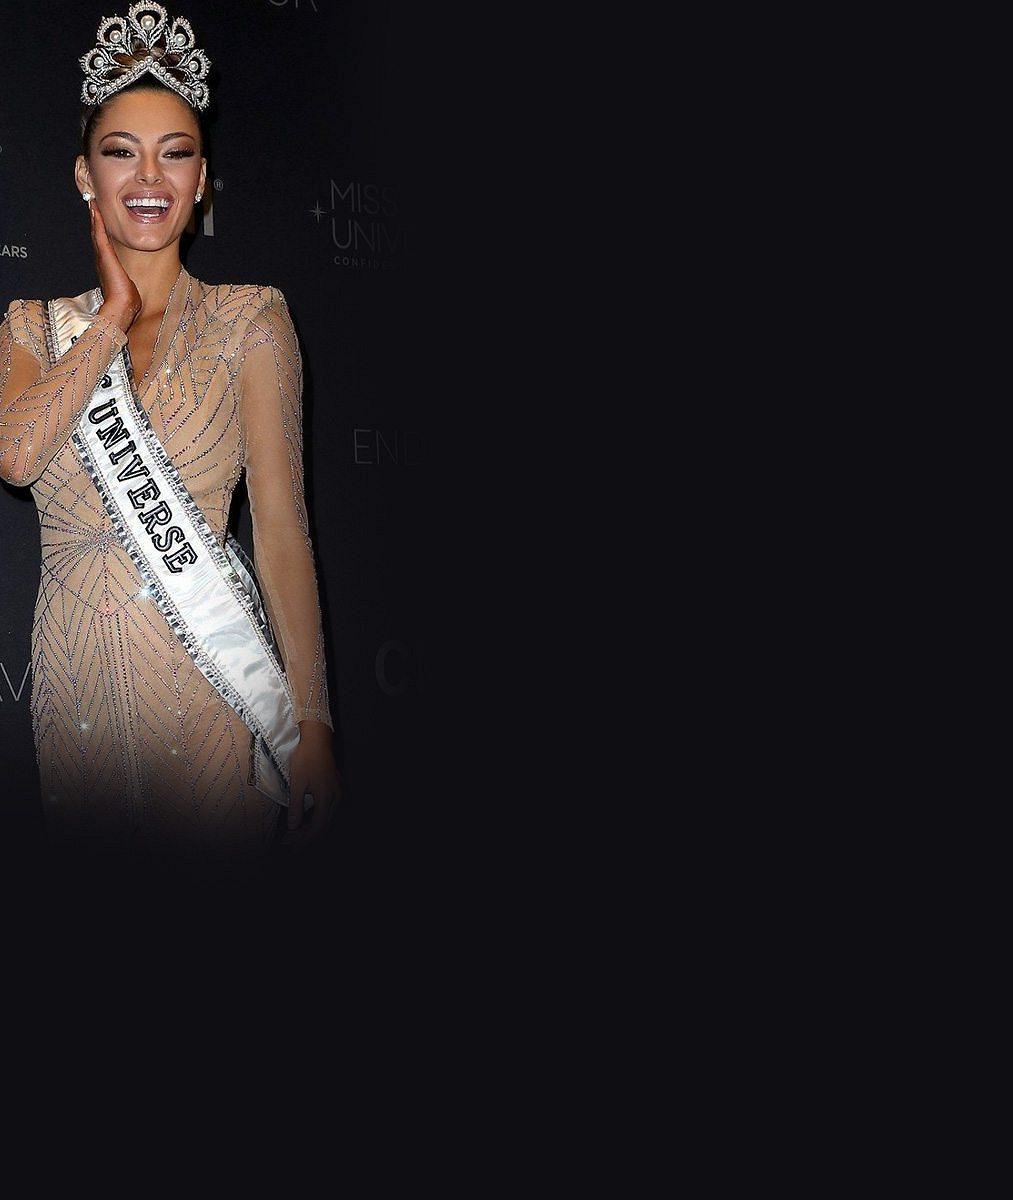 Nová Miss Universe sbírala body při promenádě v plavkách: Ve žlutých bikinách byla dokonalá